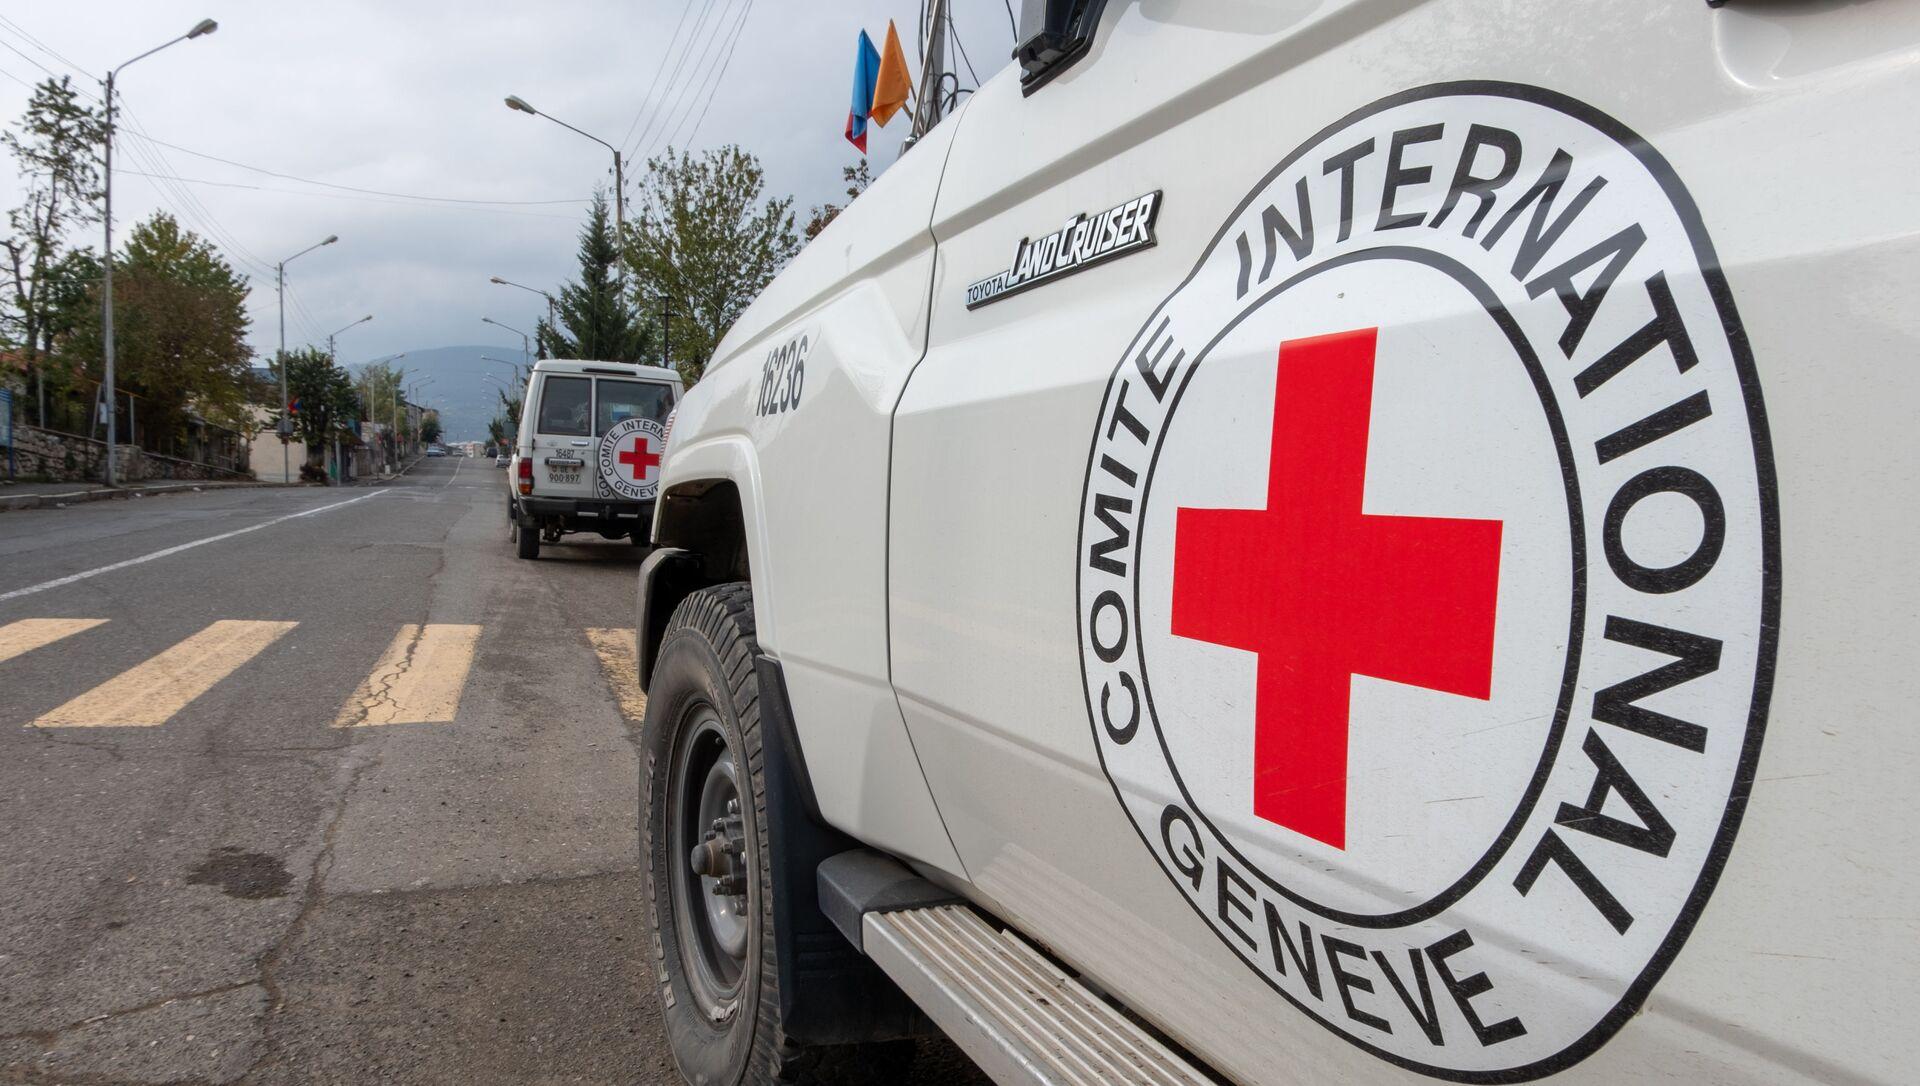 Машины Международного Комитета Красного Креста (МККК) в Карабахе, фото из архива - Sputnik Azərbaycan, 1920, 13.09.2021